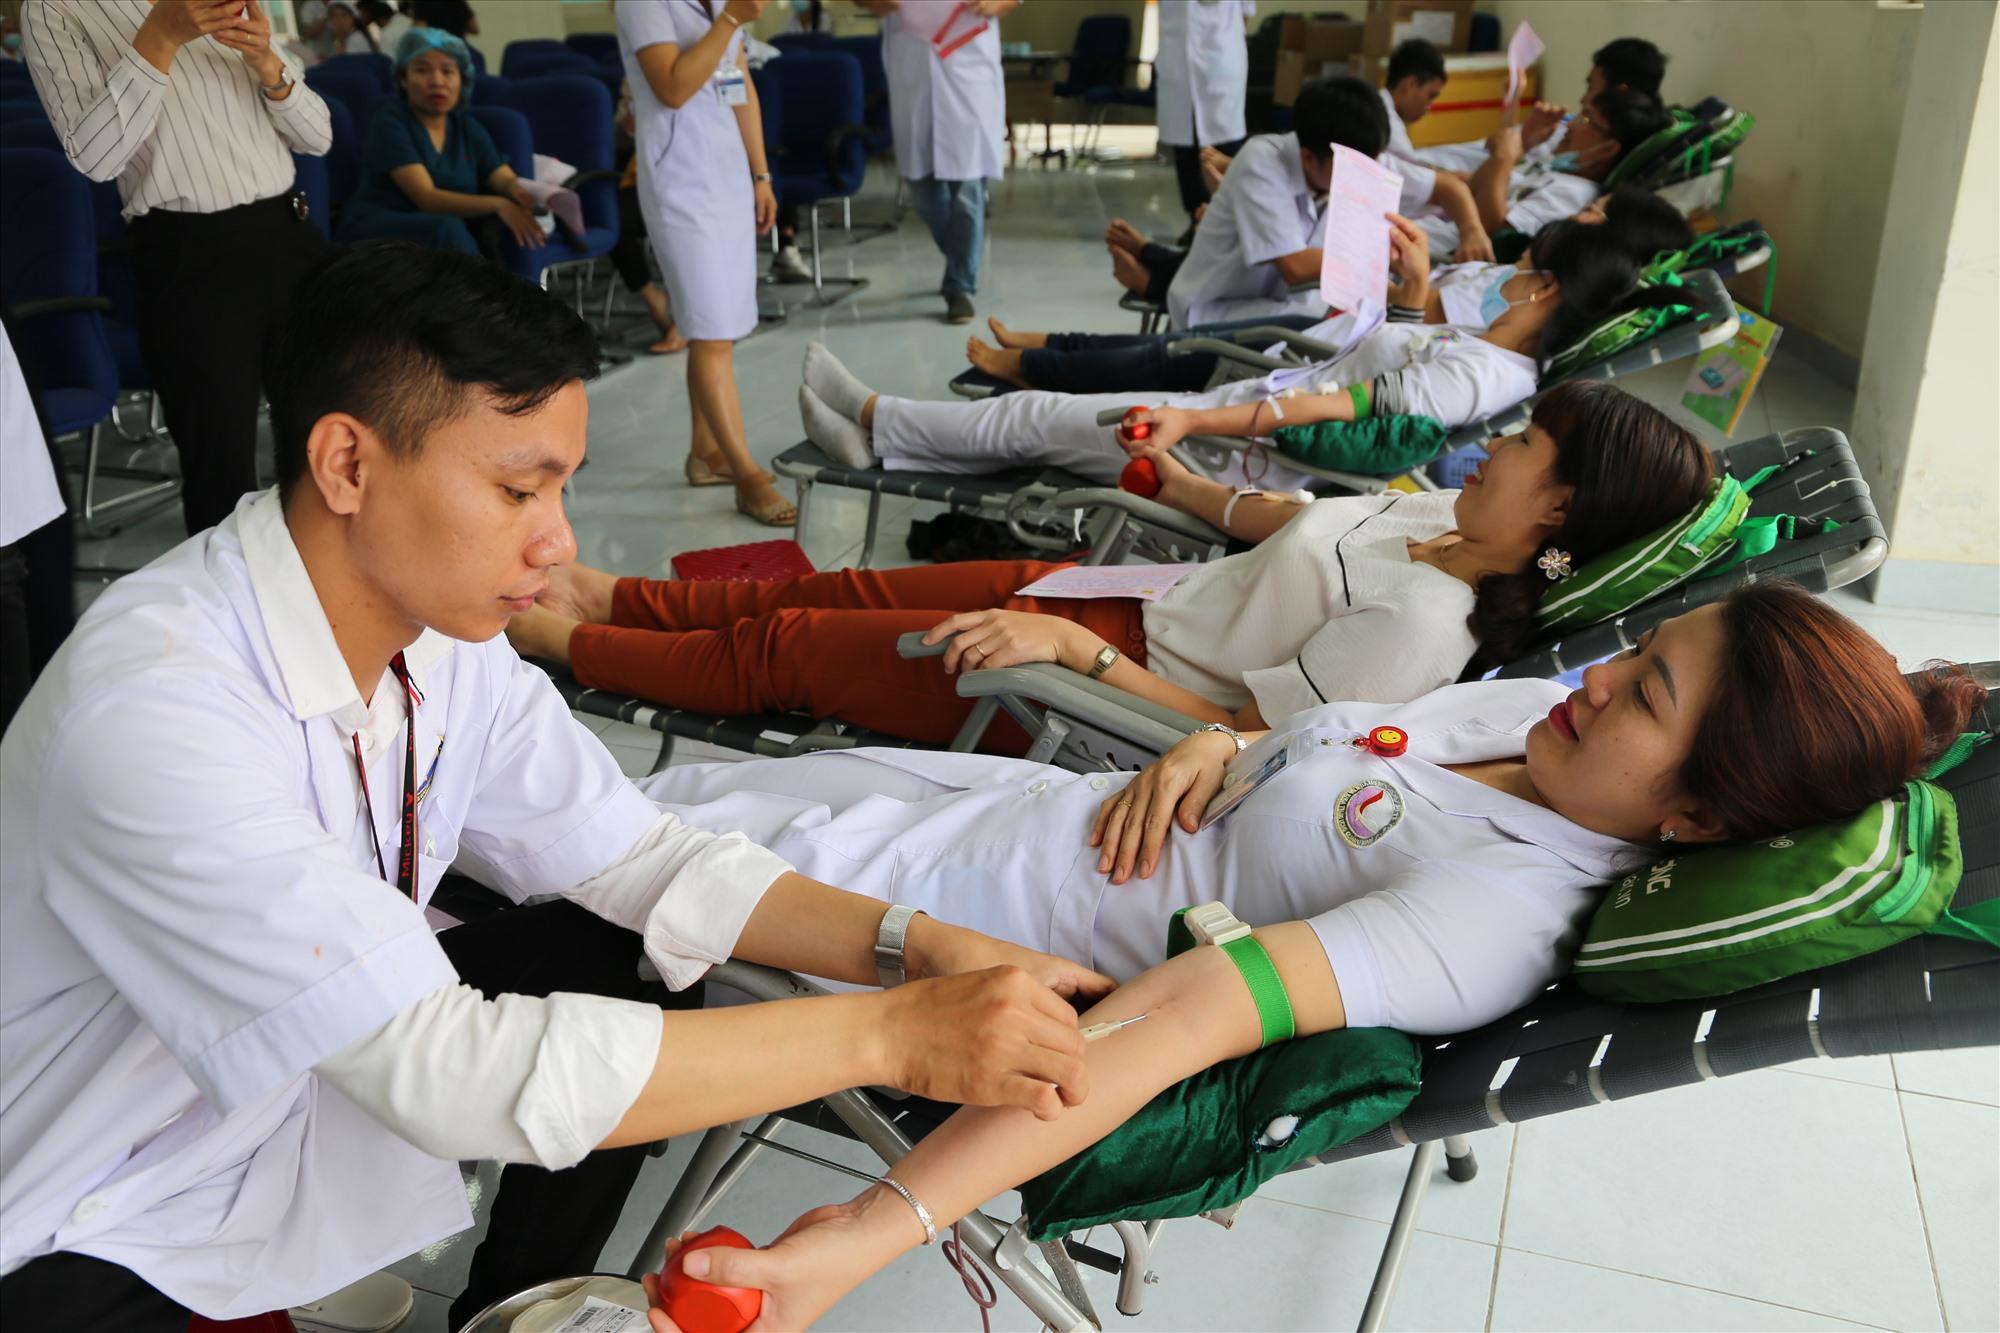 Cán bộ, nhân viên Bệnh viện Đa khoa Trung ương Quảng Nam hiến máu tình nguyện vào ngày 10.2 vừa qua. Ảnh: LÊ PHƯƠNG THẢO